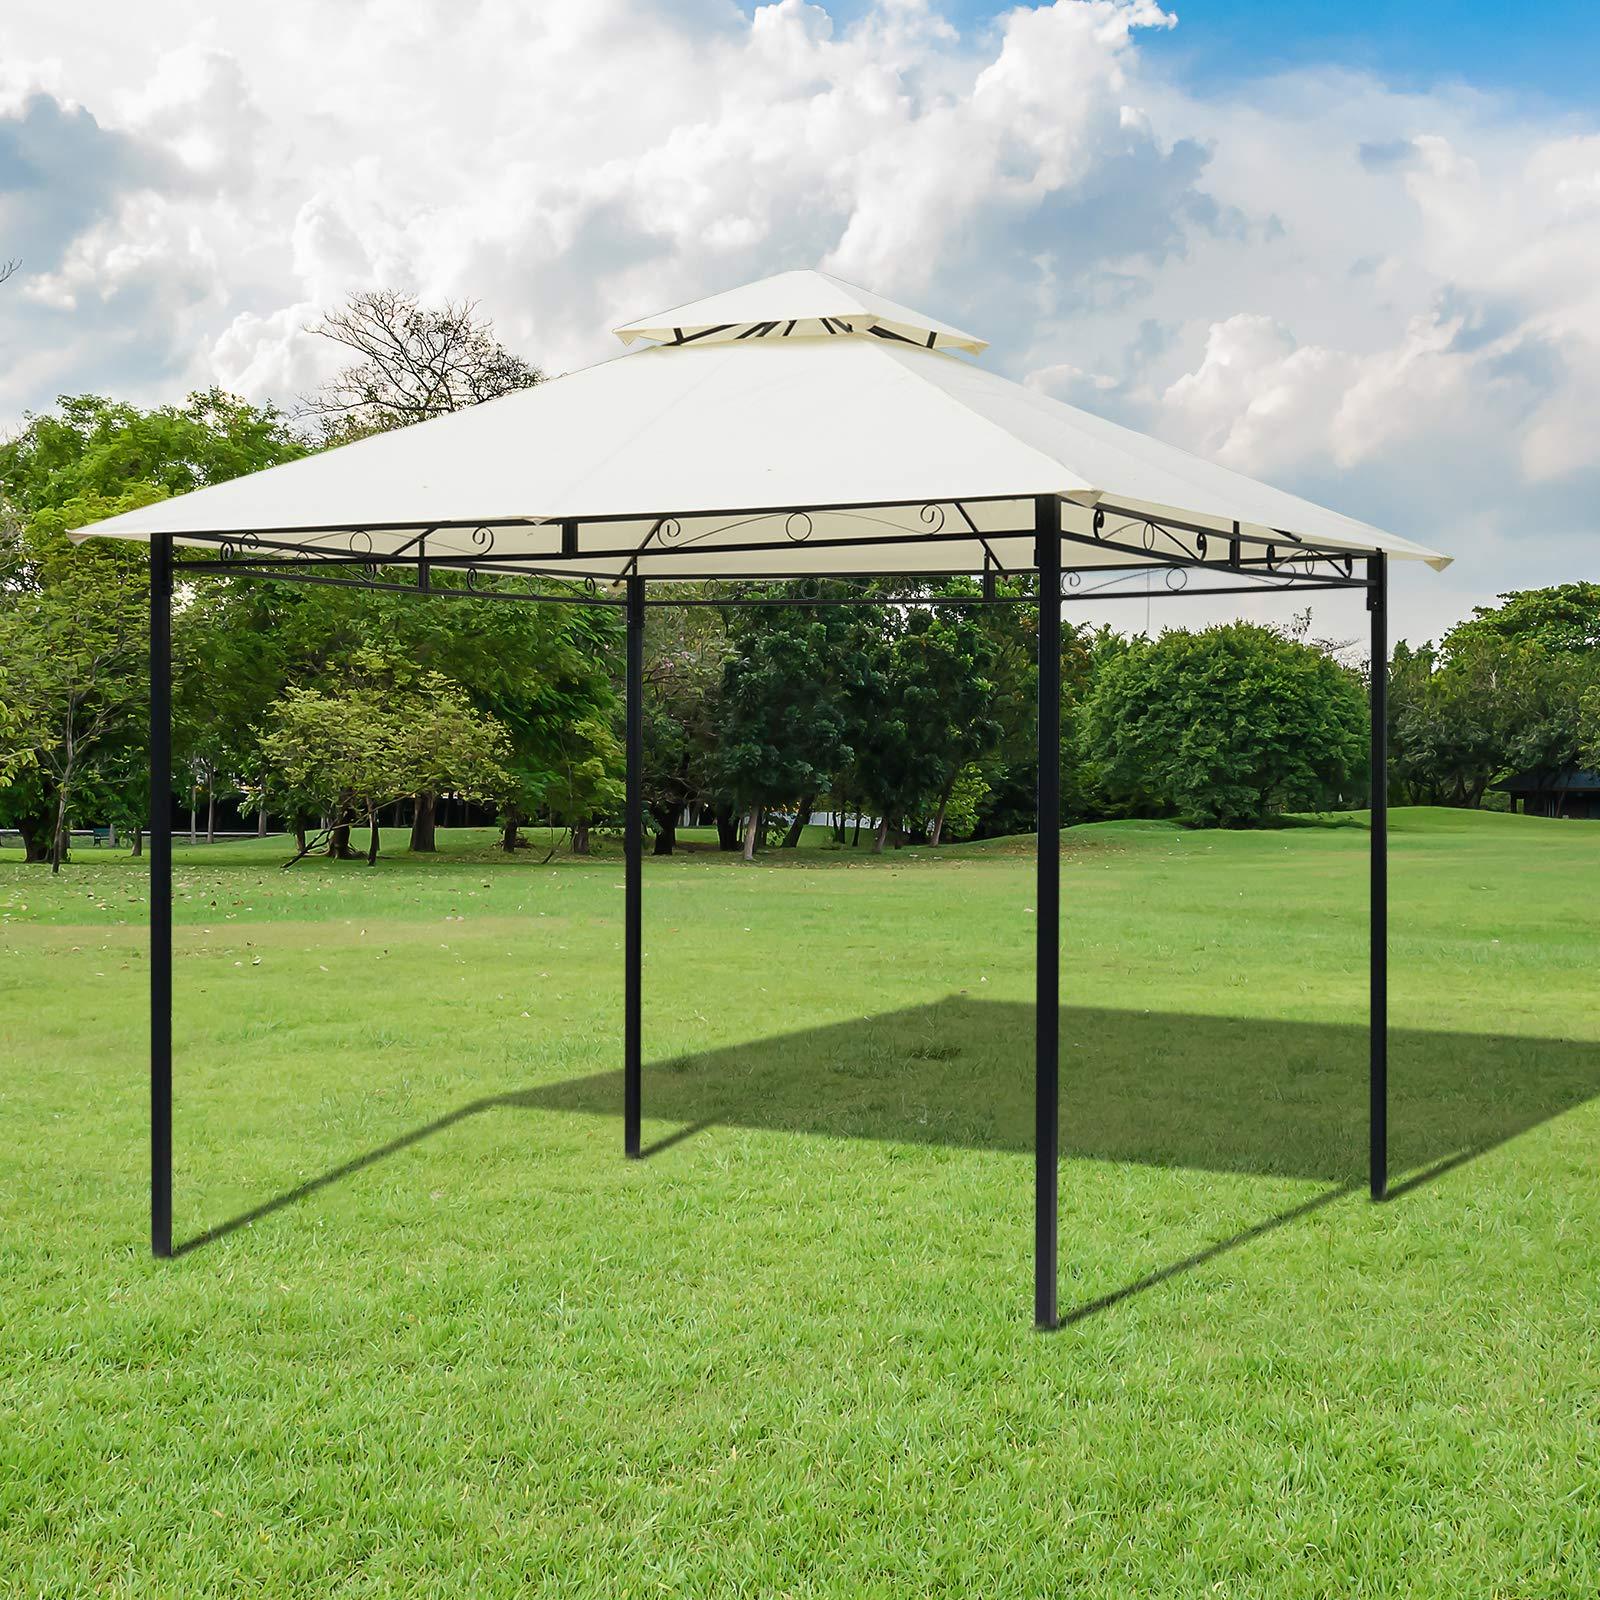 Outsunny - Cenador de jardín doble techo de acero, beige, 3 x 3 m: Amazon.es: Jardín